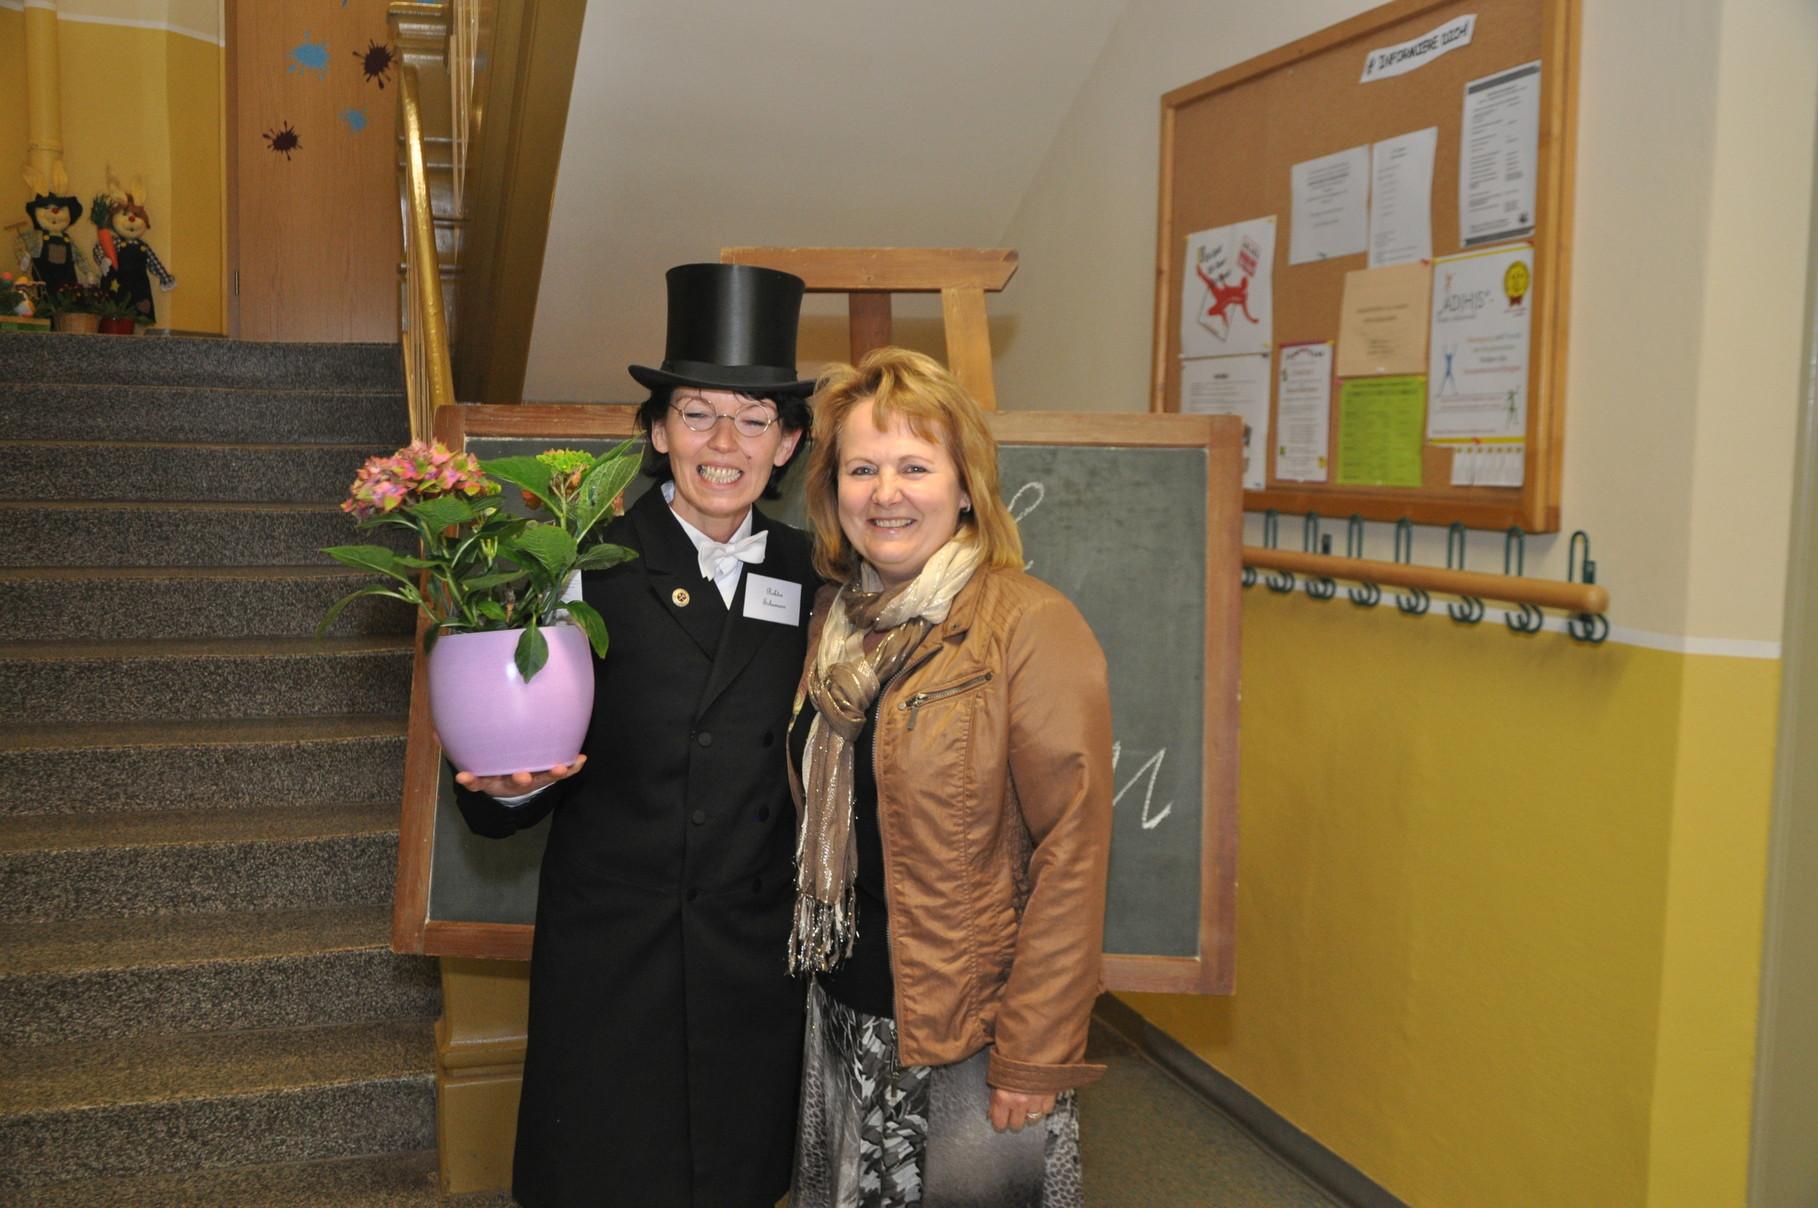 Frau Prinz - ehemalige Schulleiterin GS Remse